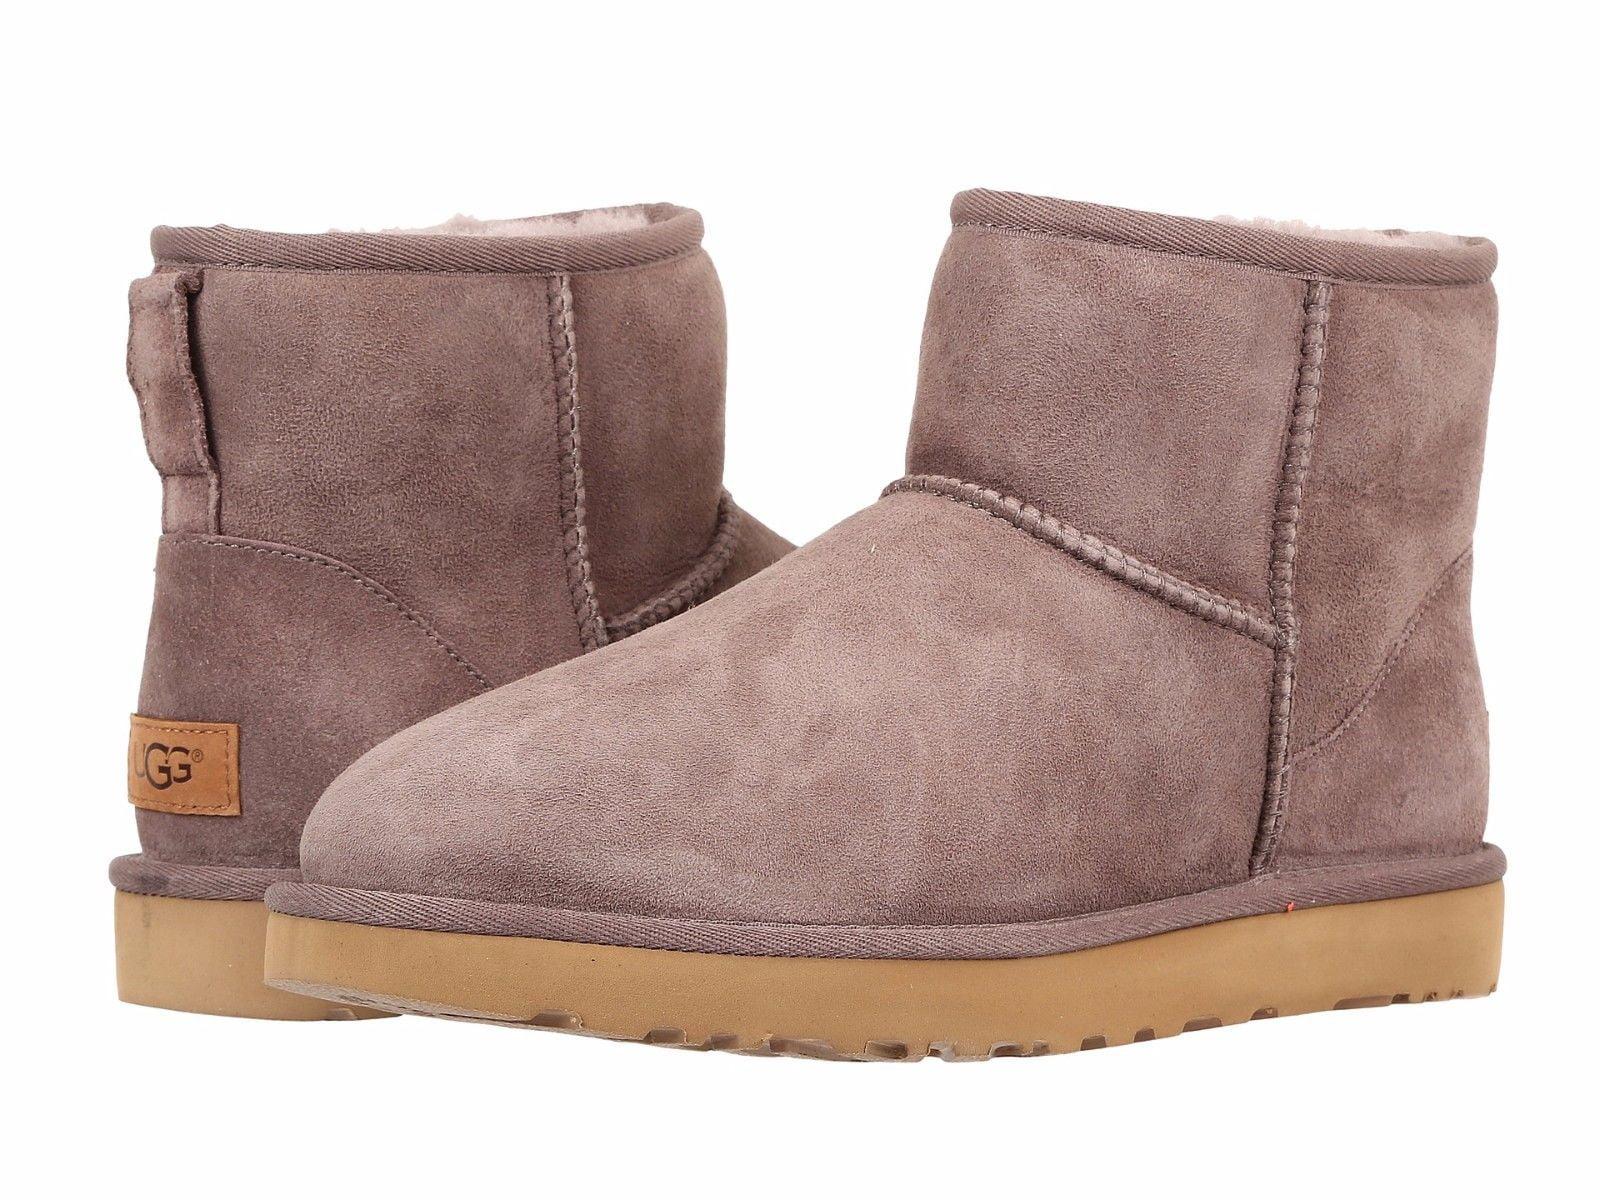 7881a0c2d58 UGG Women's Classic Mini II Boots 1016222